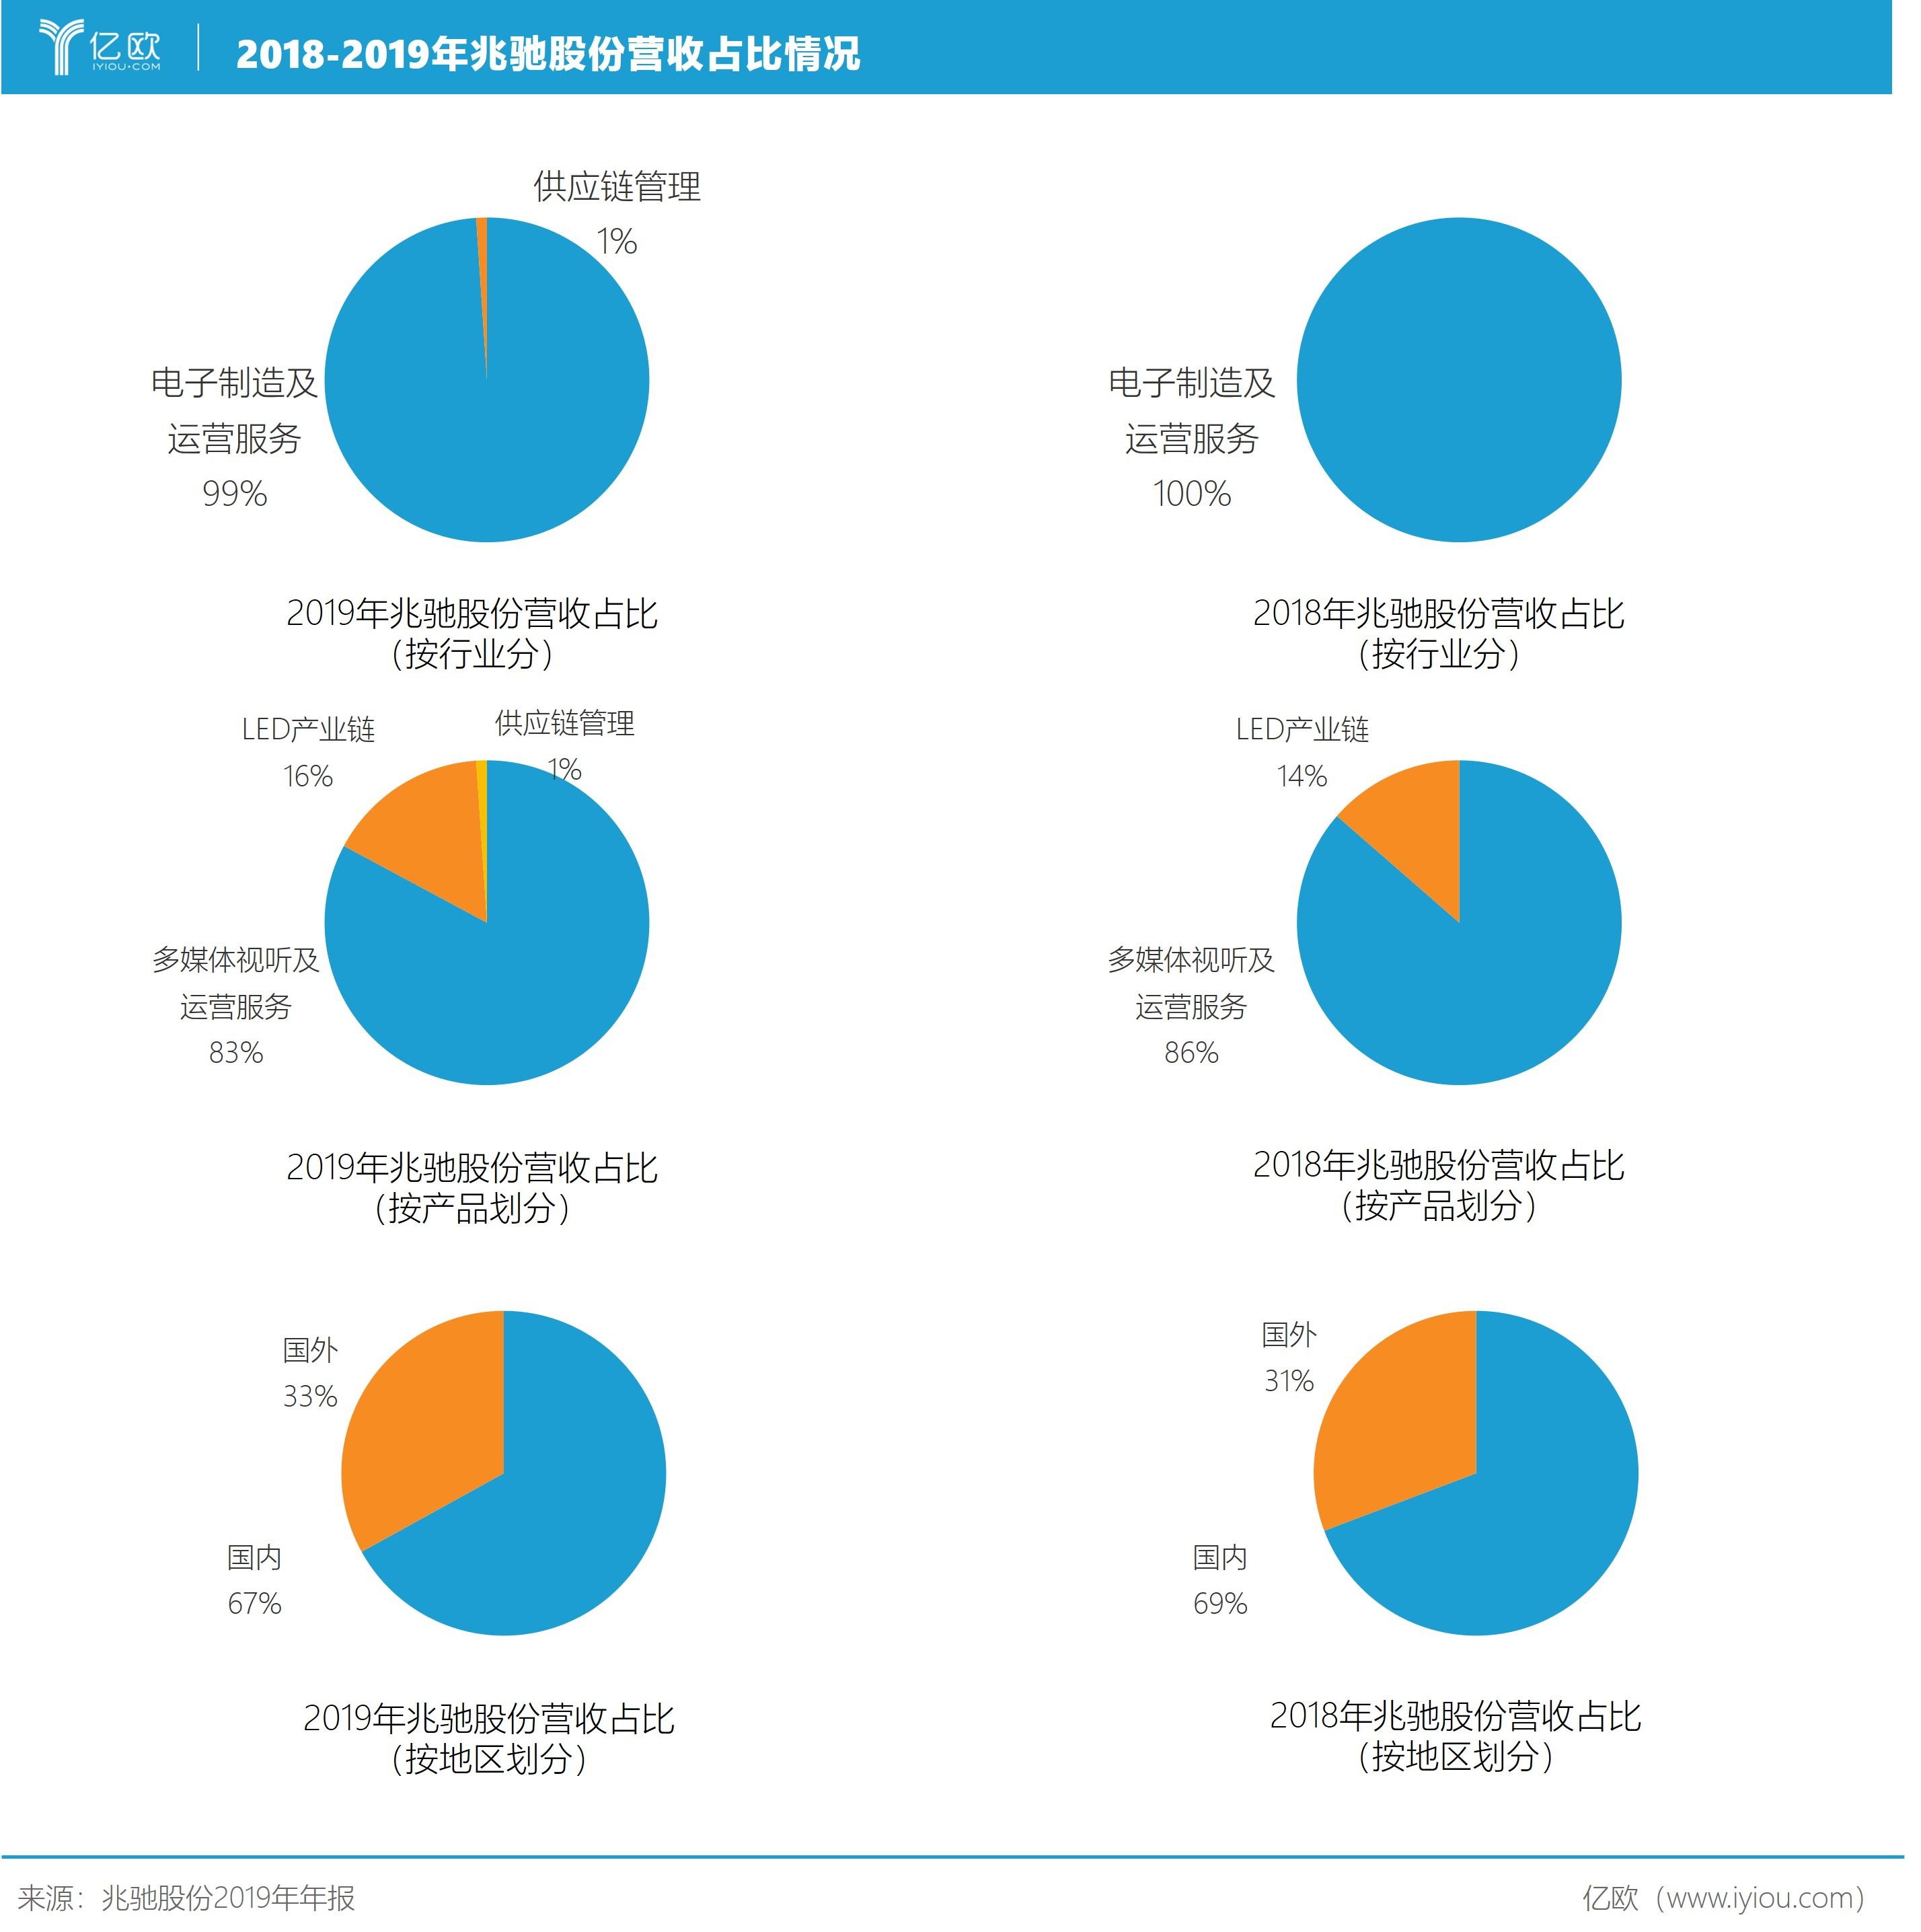 圖4:2018-2019年兆馳股份營收占比情況